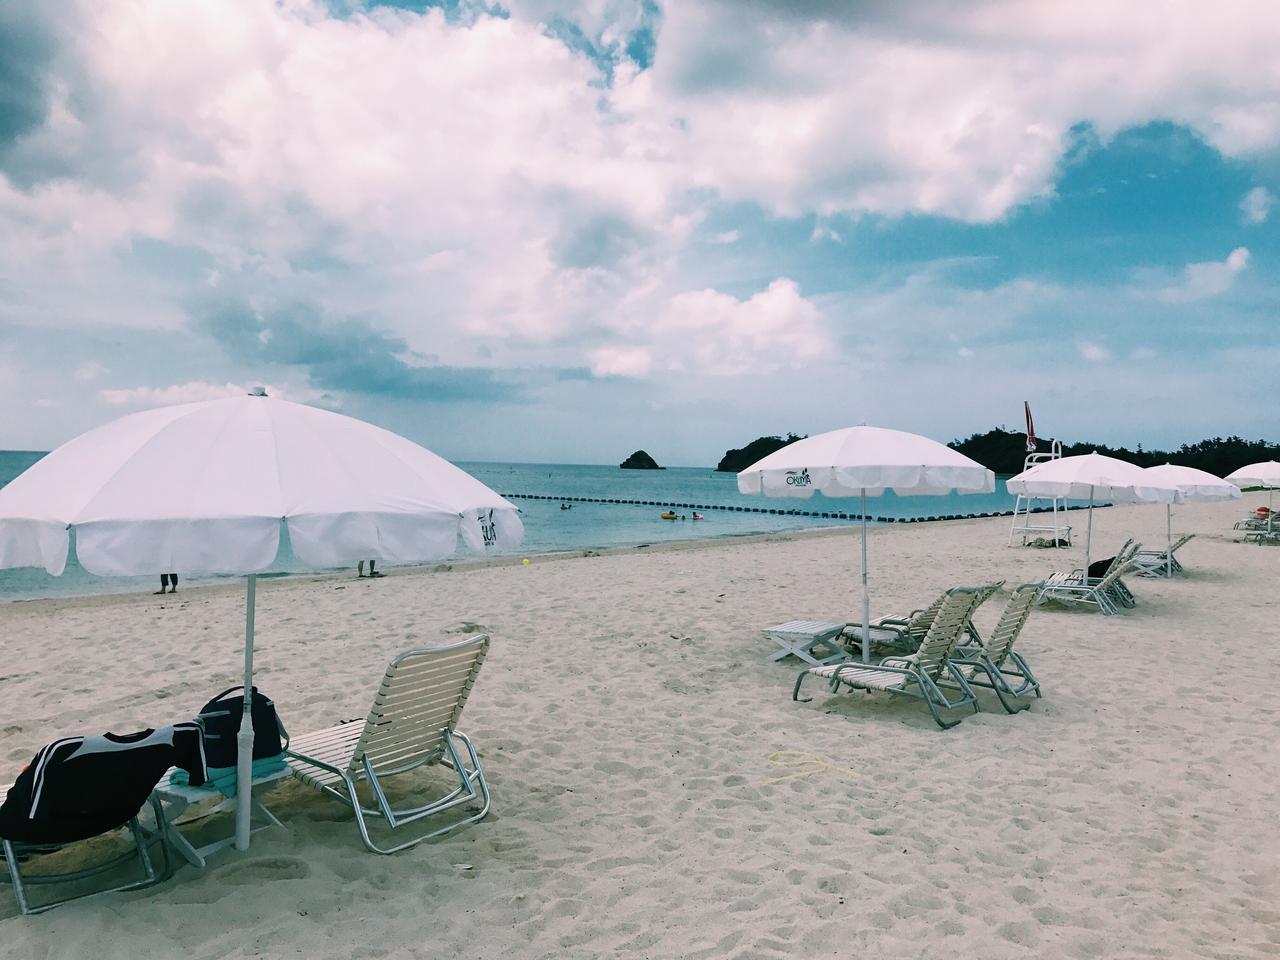 画像6: 【国内旅行・沖縄】沖縄の気候とホテルレポートNO2「オクマプライベートビーチ&リゾート」